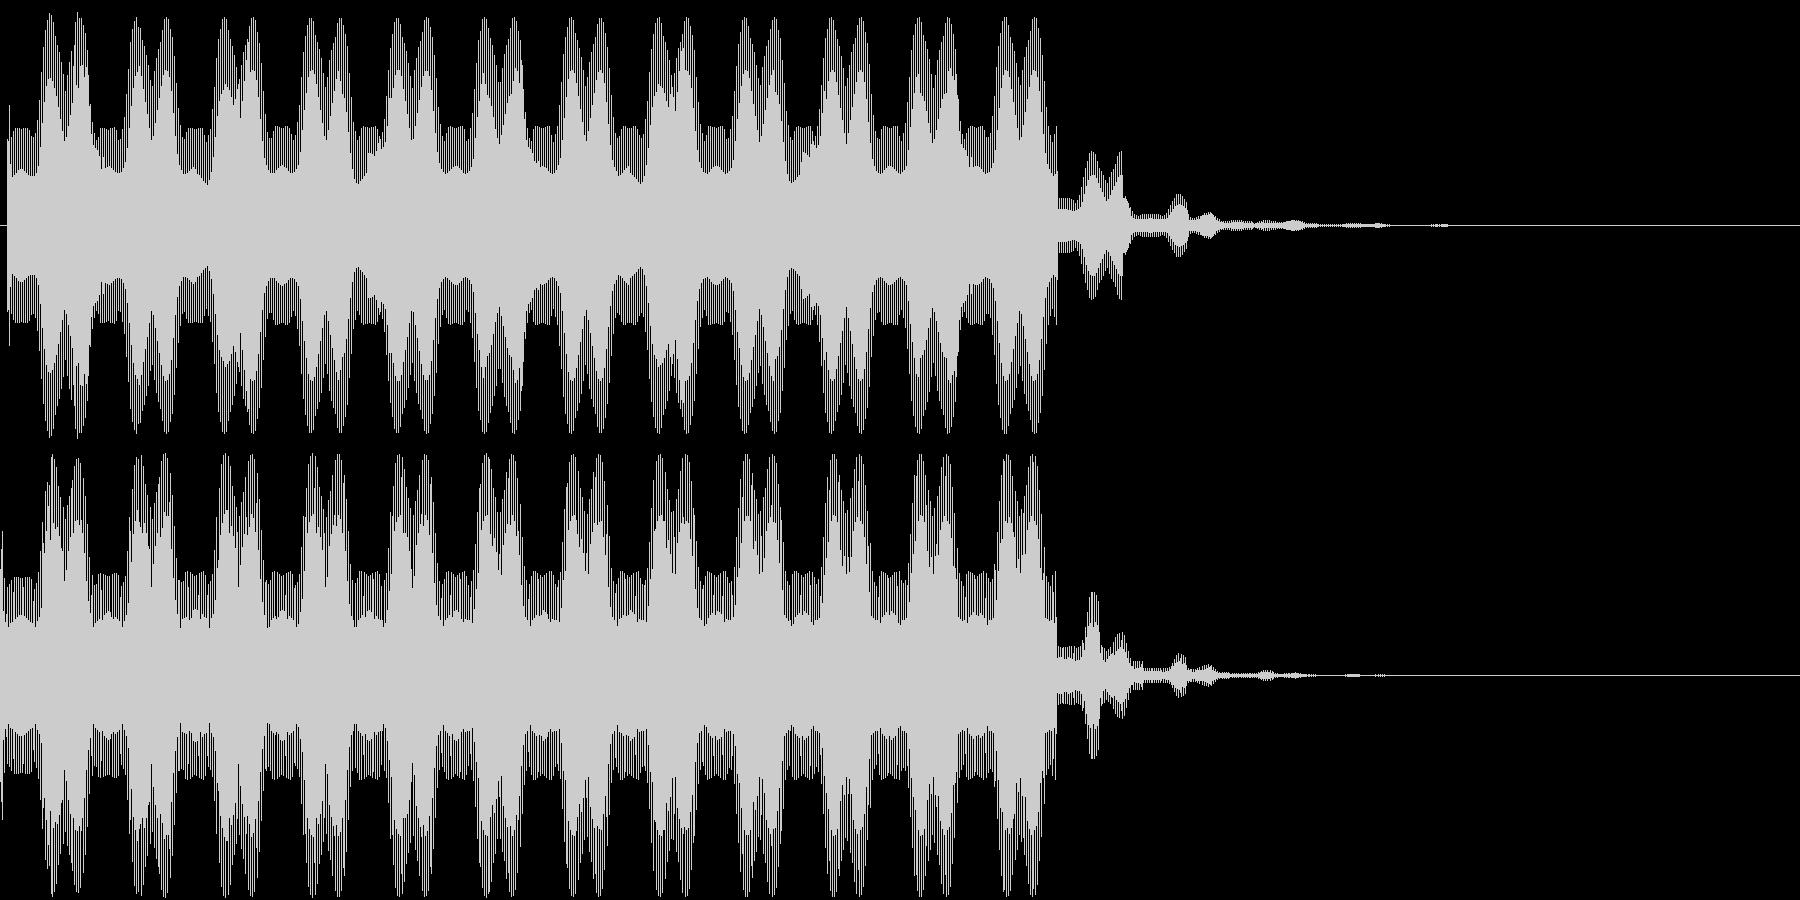 洗脳してる時のビーム音(シンプル)の未再生の波形